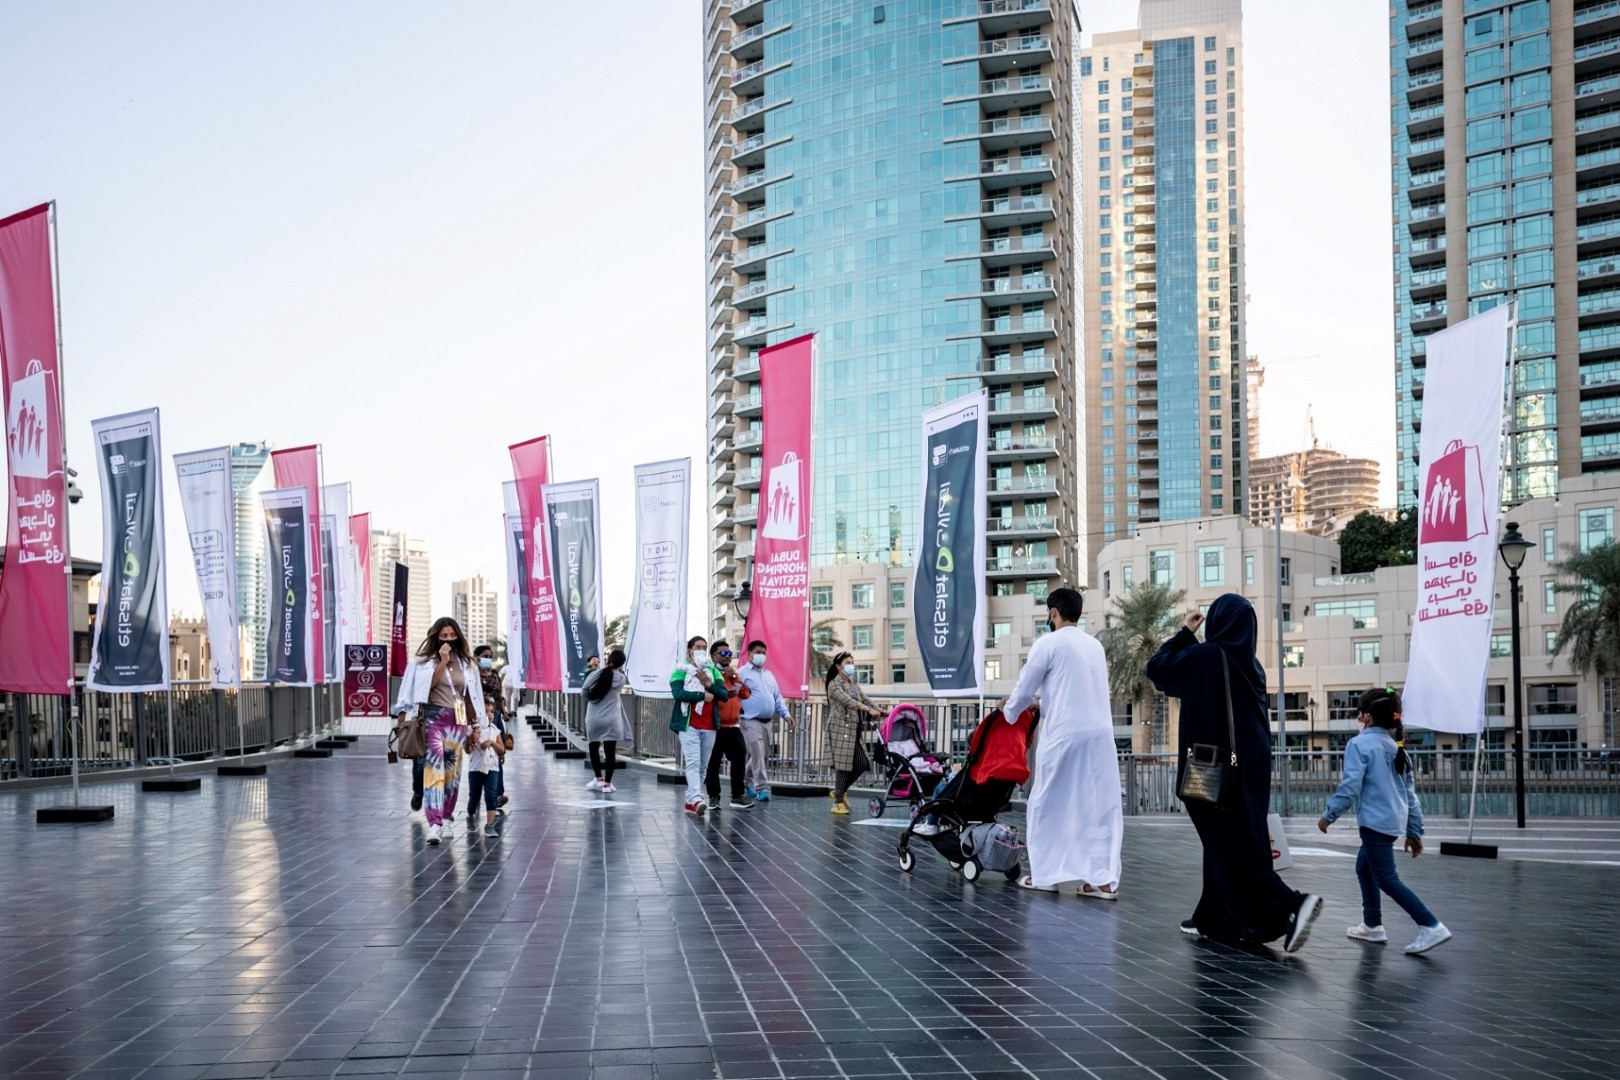 ستاندرد آند بورز: دبي شهدت أكبر انخفاض سكاني في الخليج